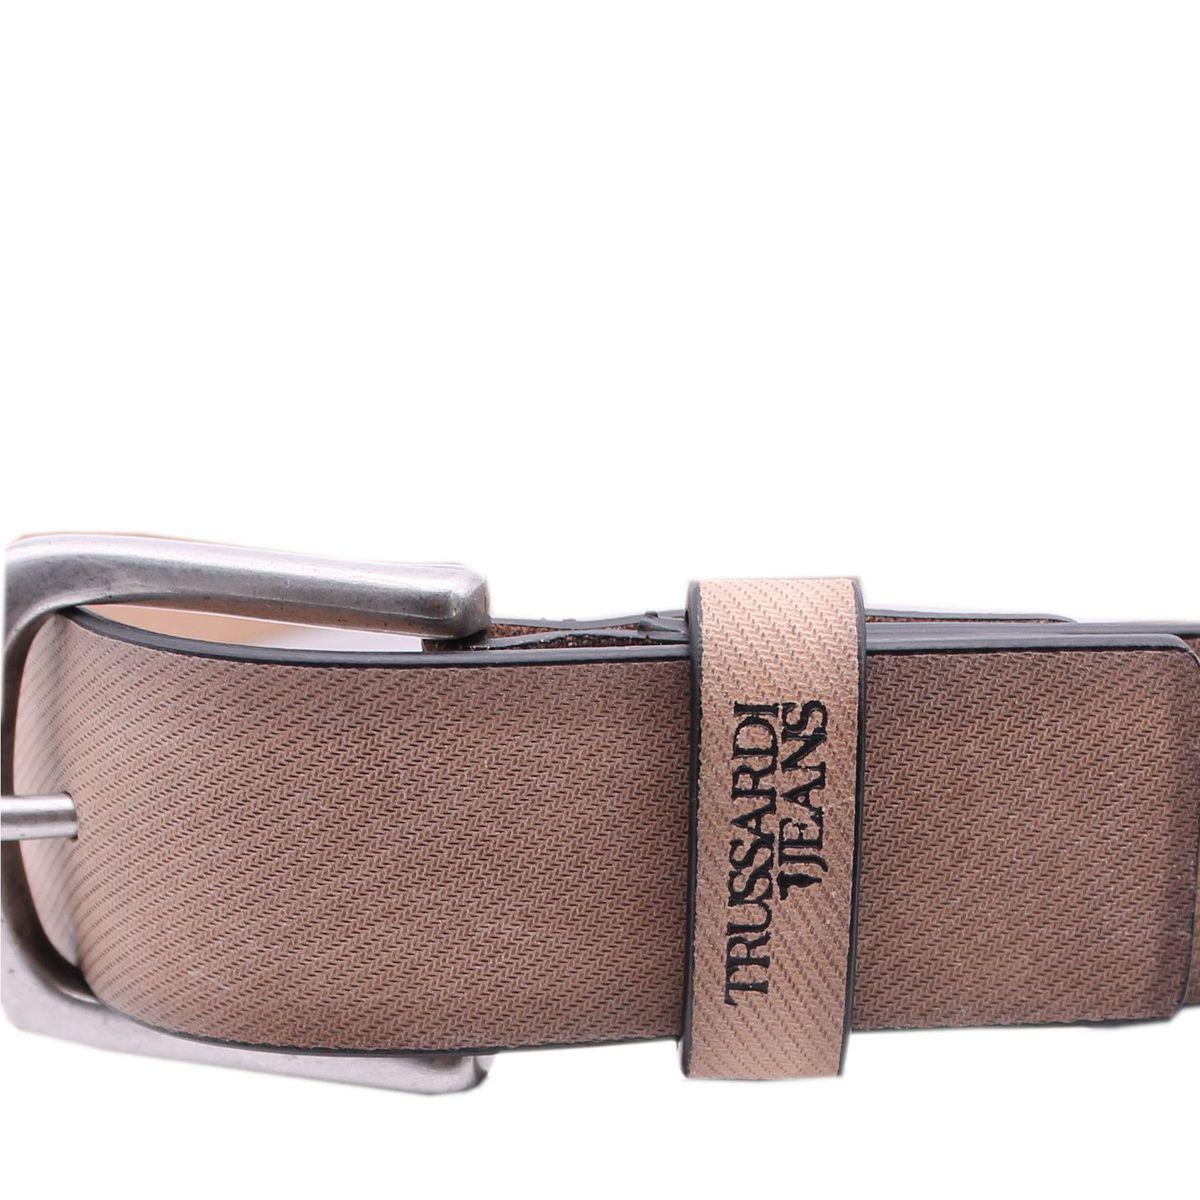 Cintura in tessuto vintage Beige Trussardi